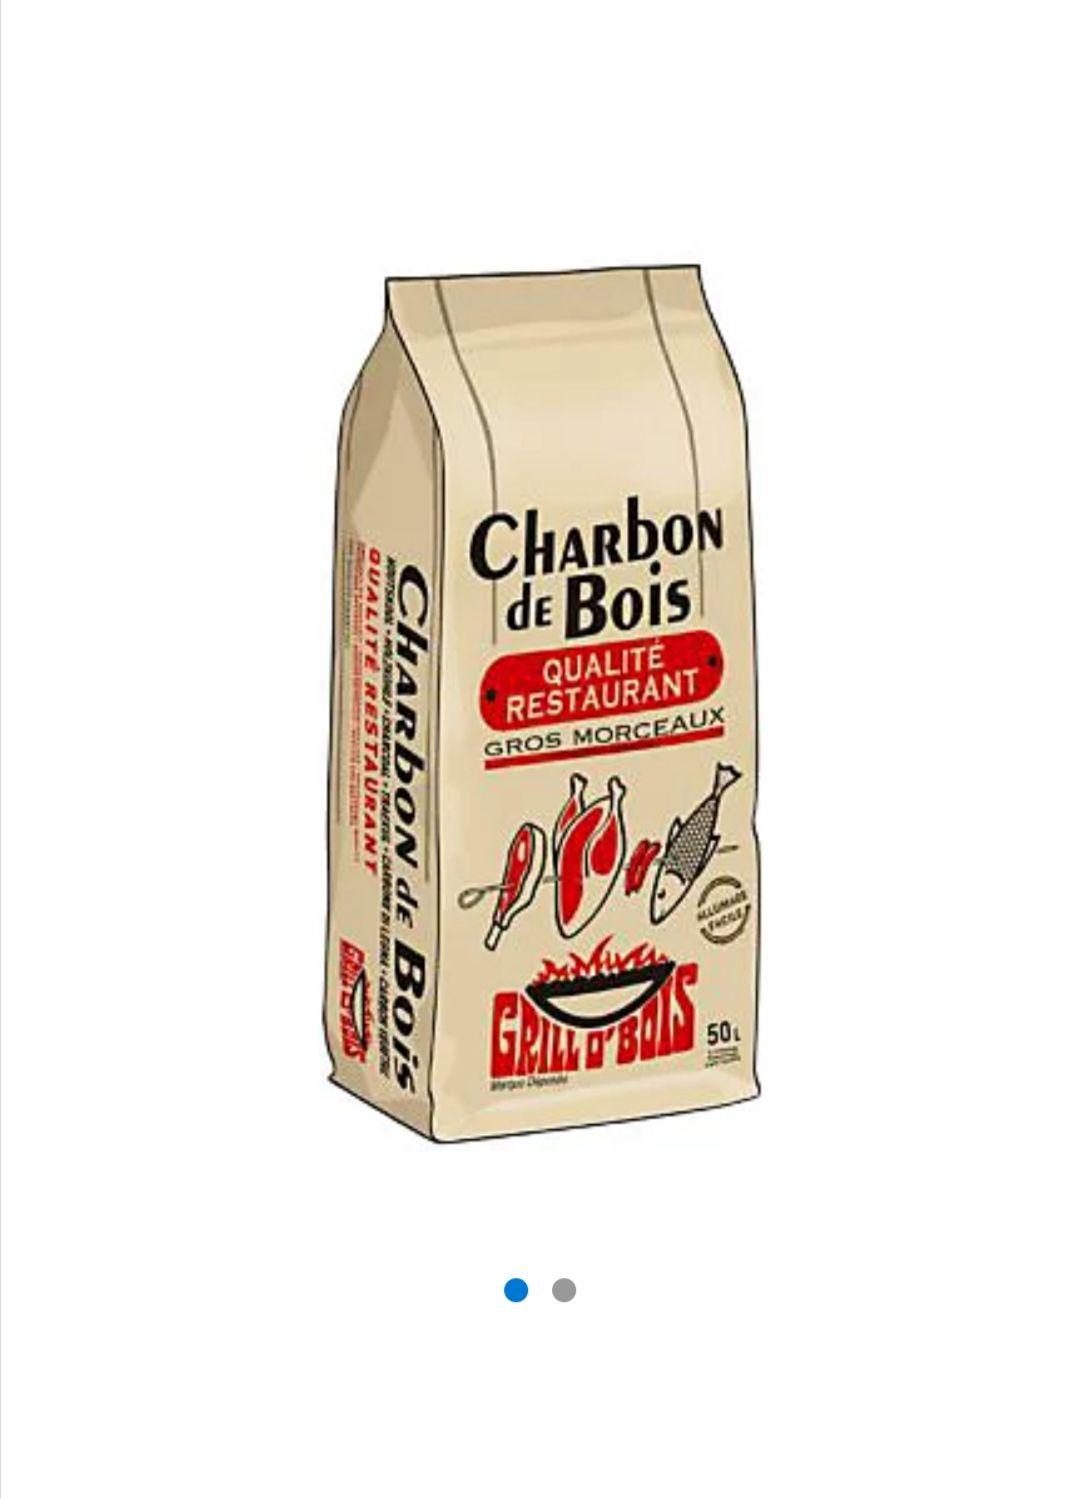 Charbon de bois pour barbecue Grill'O'Bois (50 L) - Halle o Discount Lognes (77) / Noiseau (94)